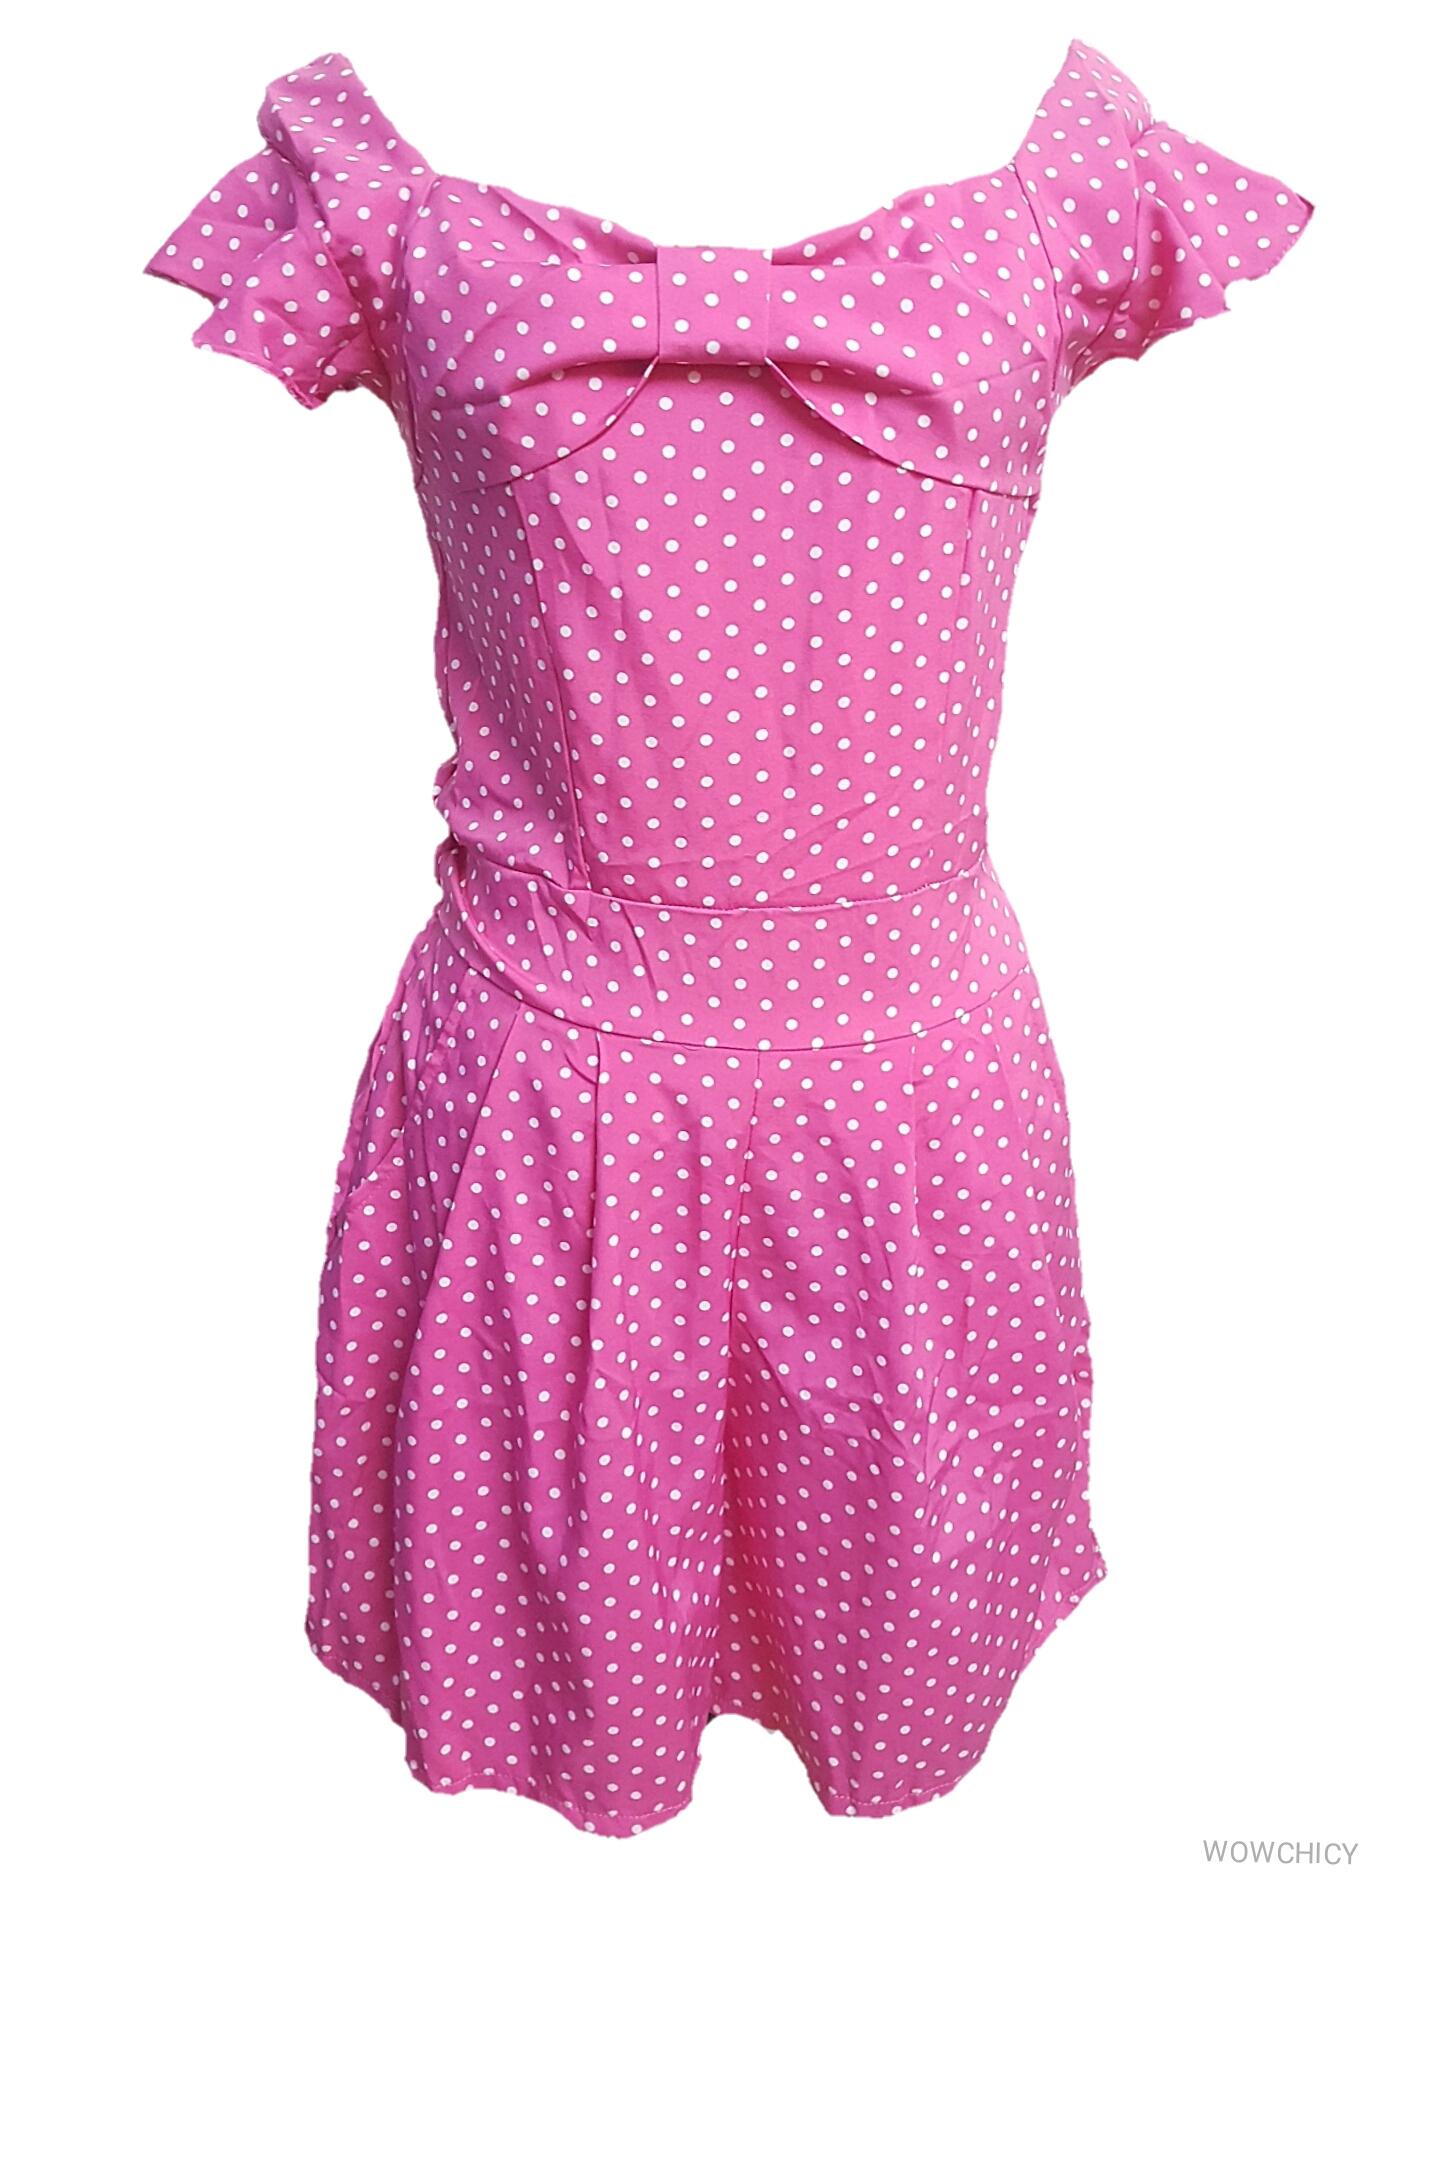 ลดราคาต่ำกว่าทุน 1-12 มิถุนายน เสื้อผ้าแฟชั่นราคาถูกขายส่ง Big jumpsuit สีชมพูลายจุด ผ้าไหมอิตาลี่ แต่โบว์ที่อกน่ารัก